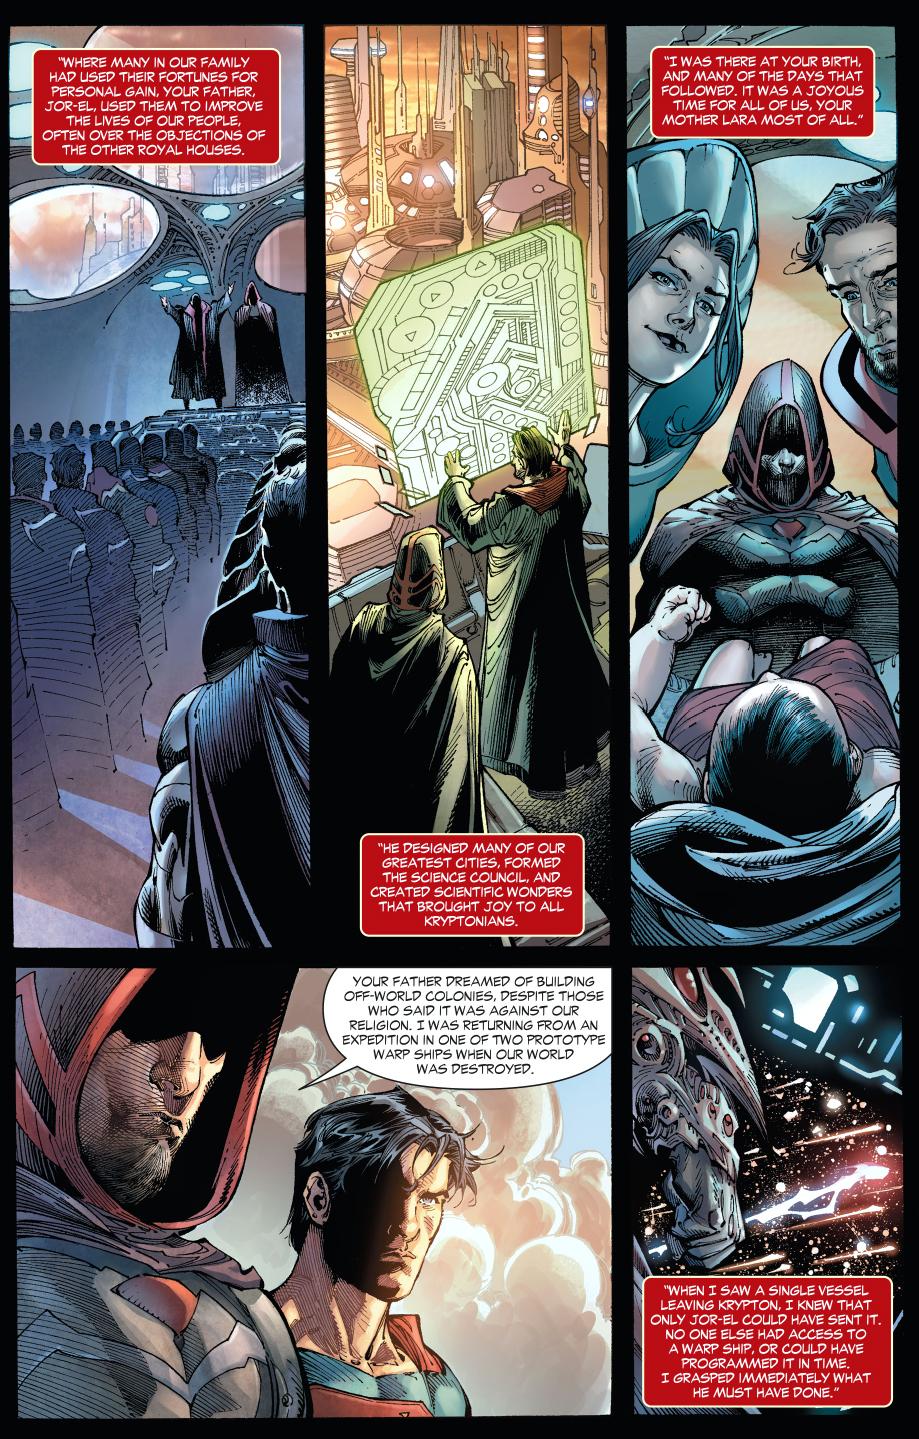 superman meets zod (earth 1)